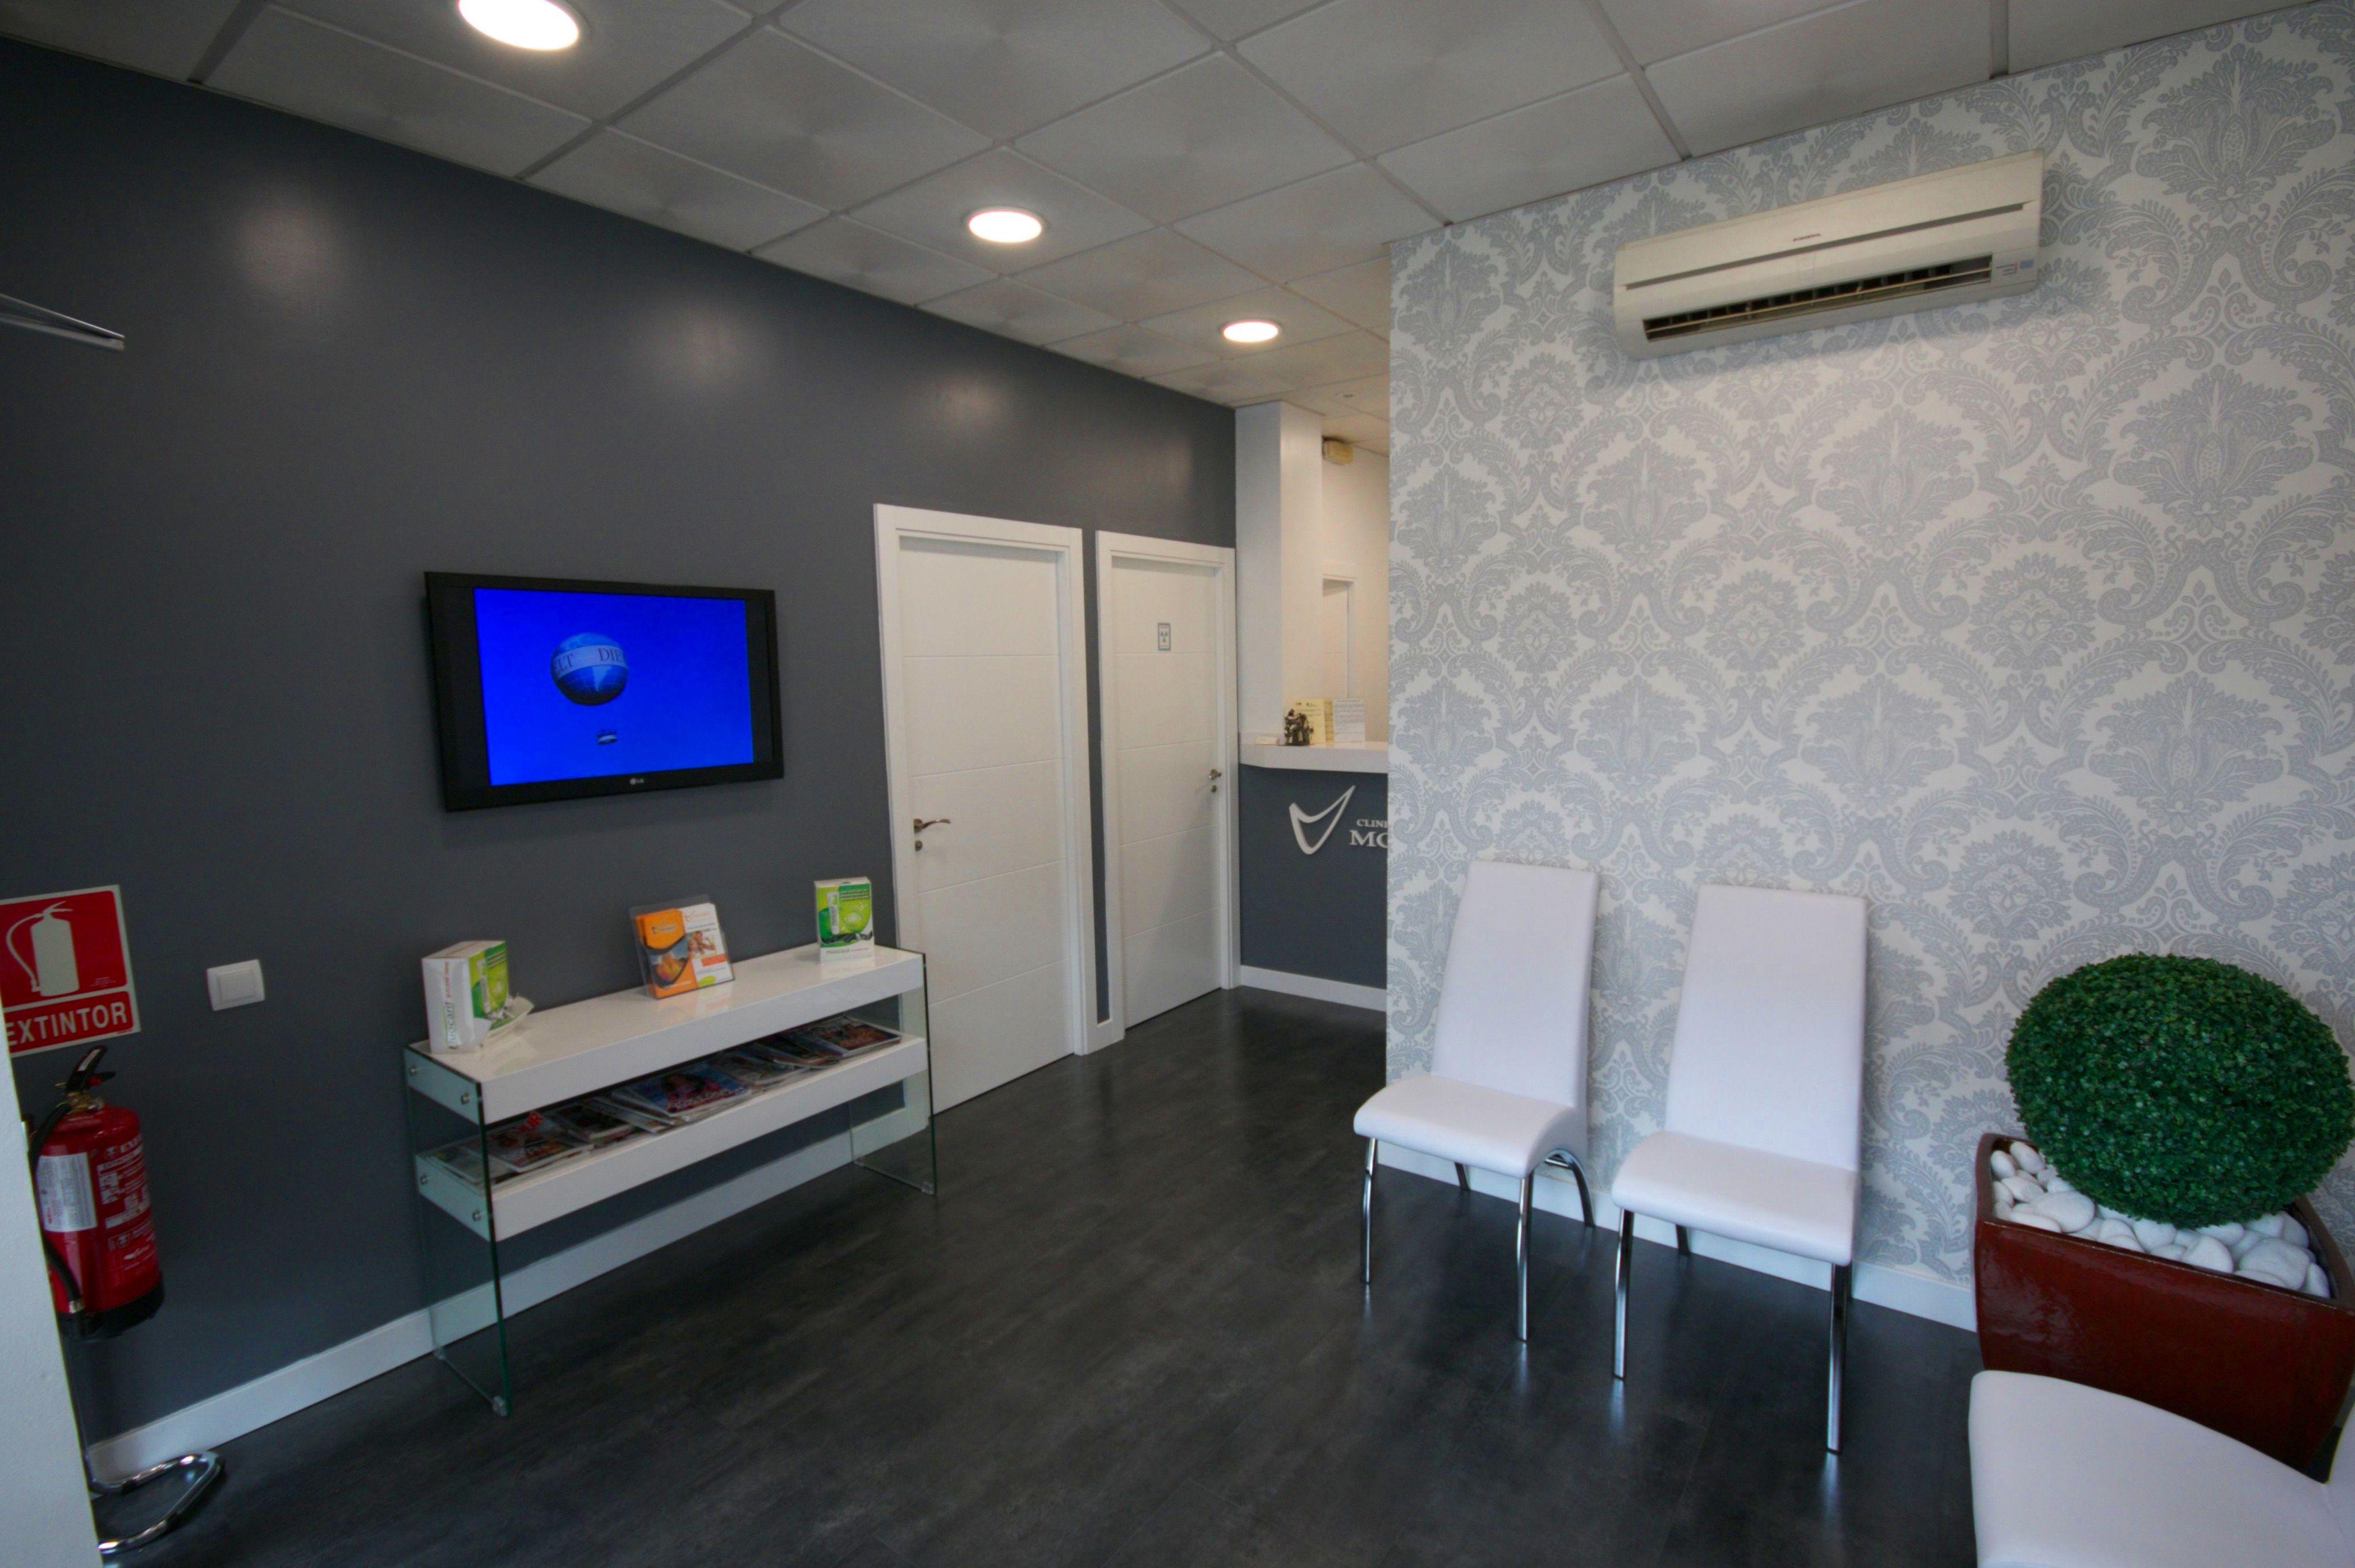 Foto 3 de Clínicas dentales en Madrid | Clínica Dental Morey